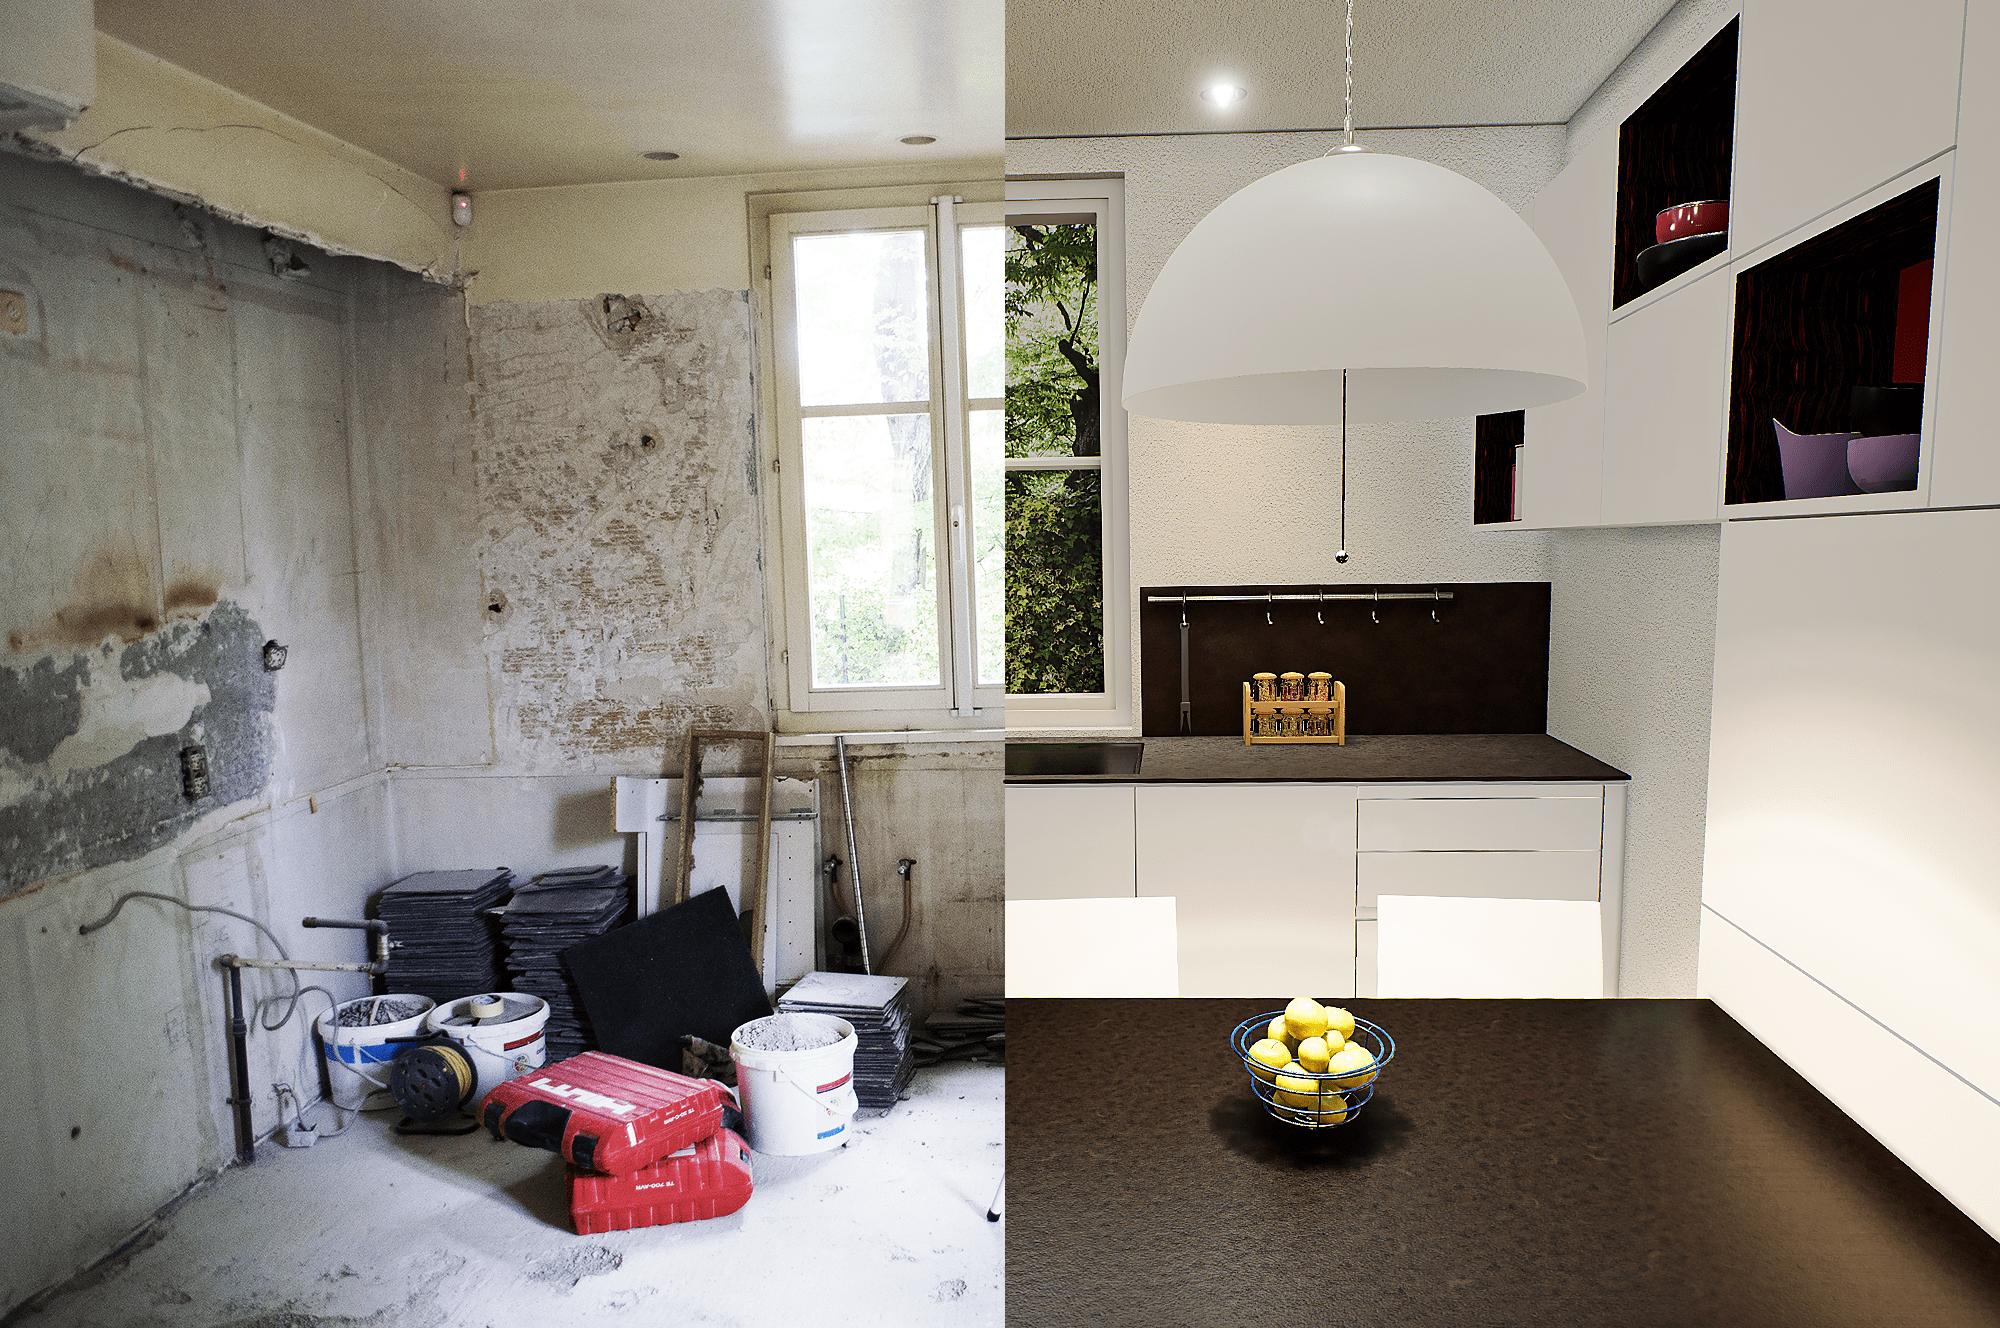 3D modeling - Before / after kitchen renovation